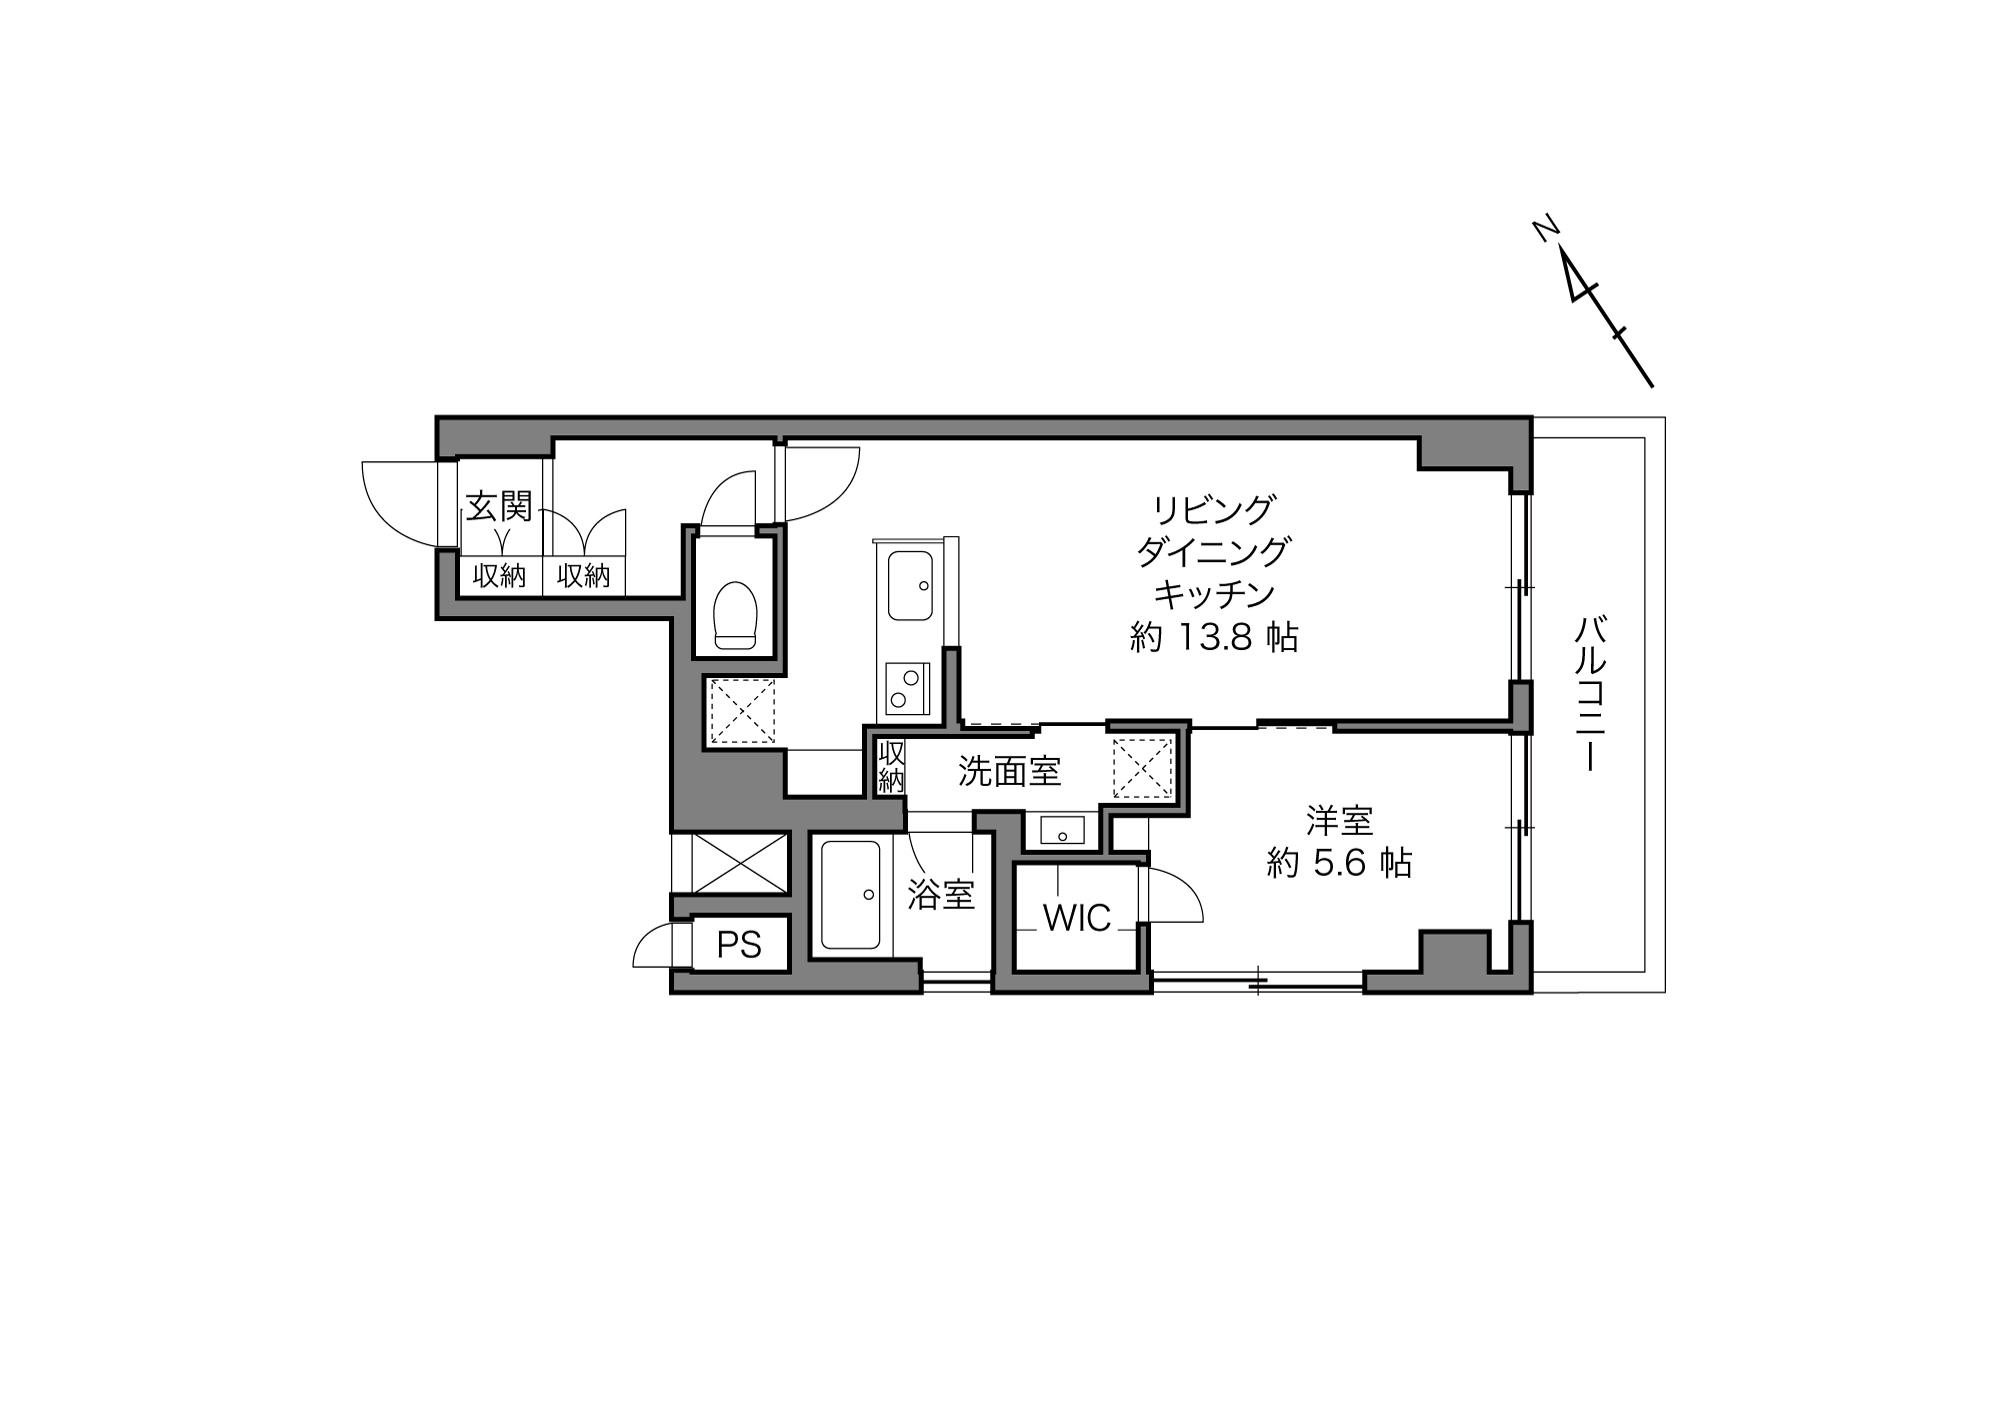 門前仲町駅 / 1LDK+WIC / 47.21㎡